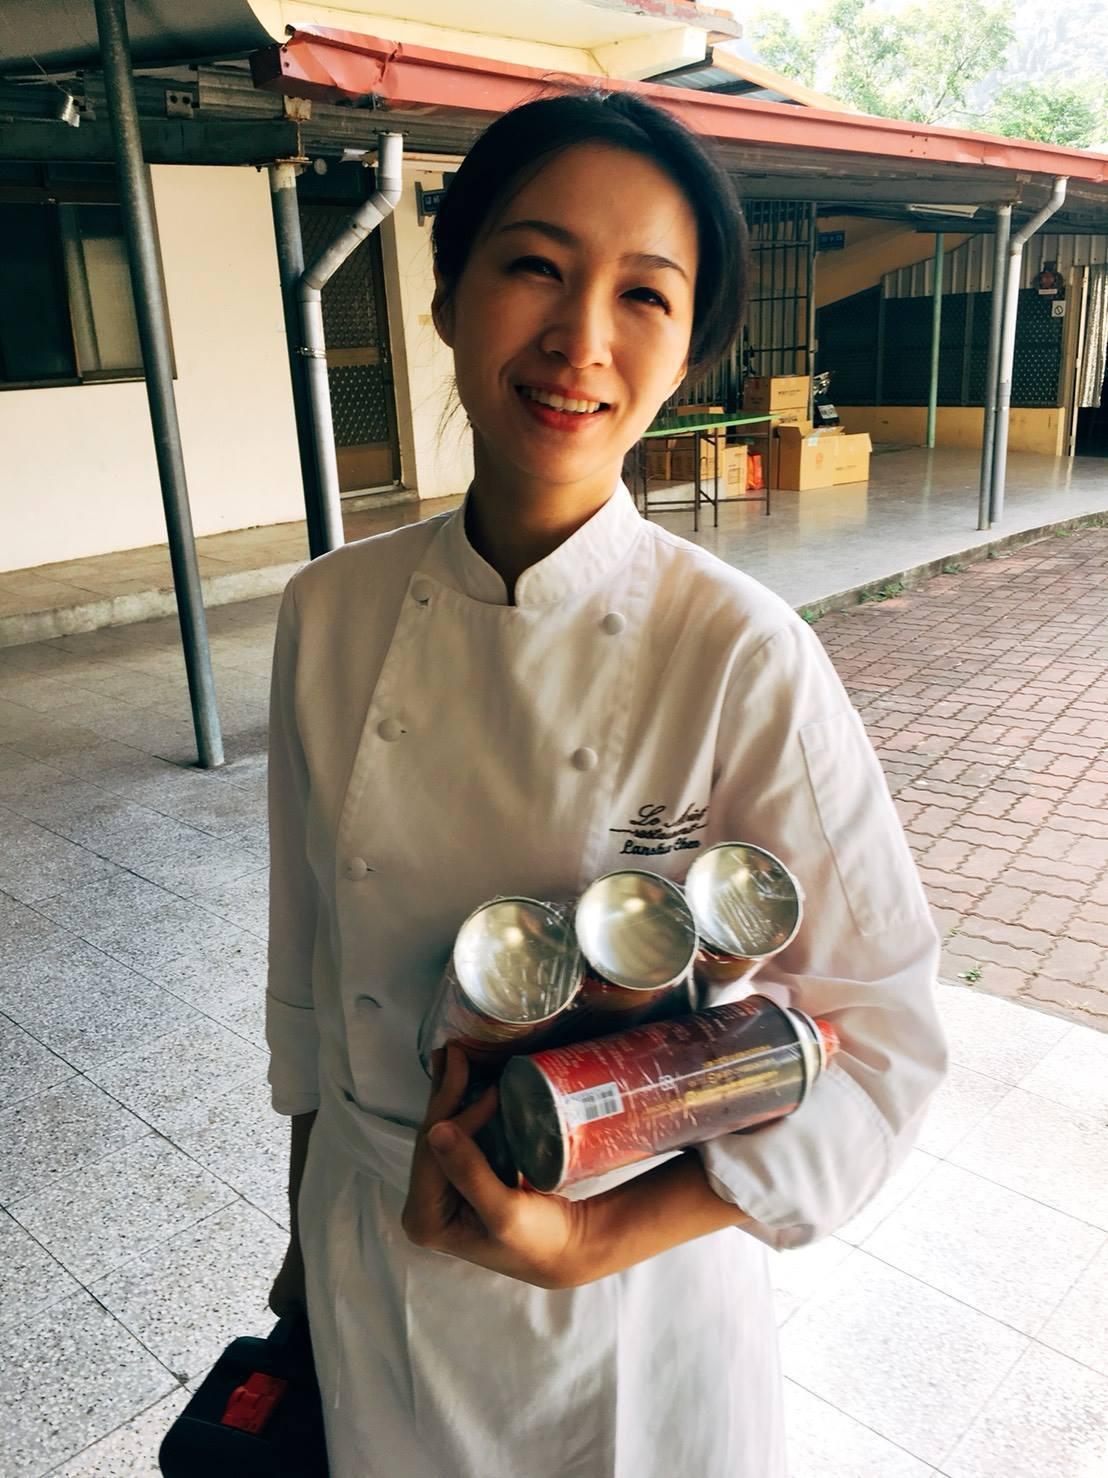 樂沐主廚陳嵐舒曾多次獲得「亞洲50最佳餐廳」名次。圖/翻攝自樂沐法式餐廳粉絲團